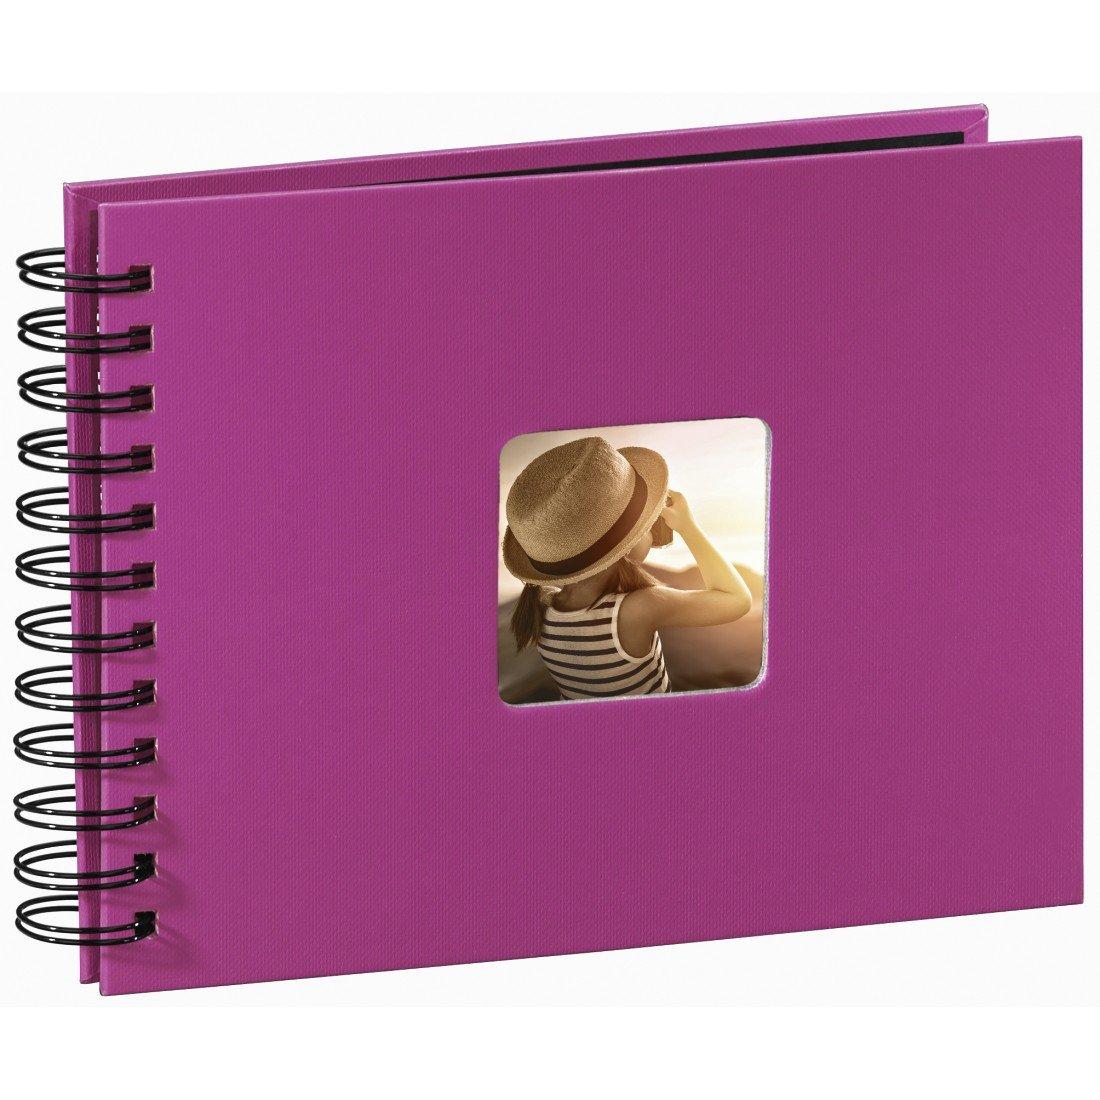 Hama Album photo Fine Art, 50 pages noires (25 pages), album à spirales 24 x 17 cm, avec découpe pour y mettre une photo, rose album à spirales 24 x 17 cm avec découpe pour y mettre une photo 00113674